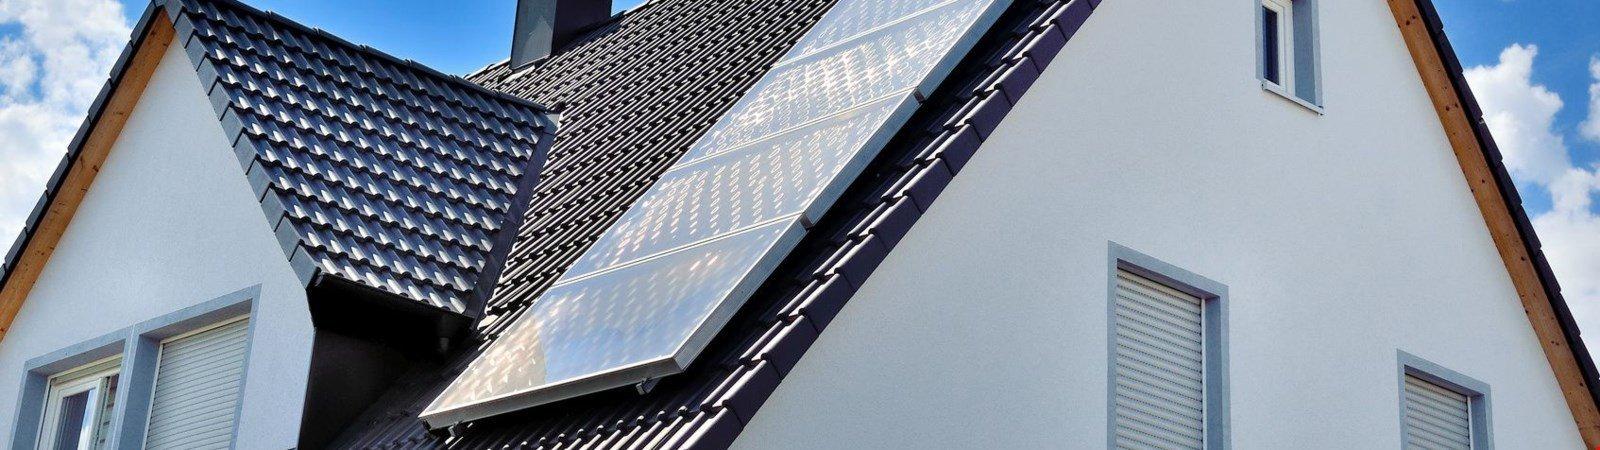 Sonnenenergie: Strom, Heizung & Warmwasser von der Sonne